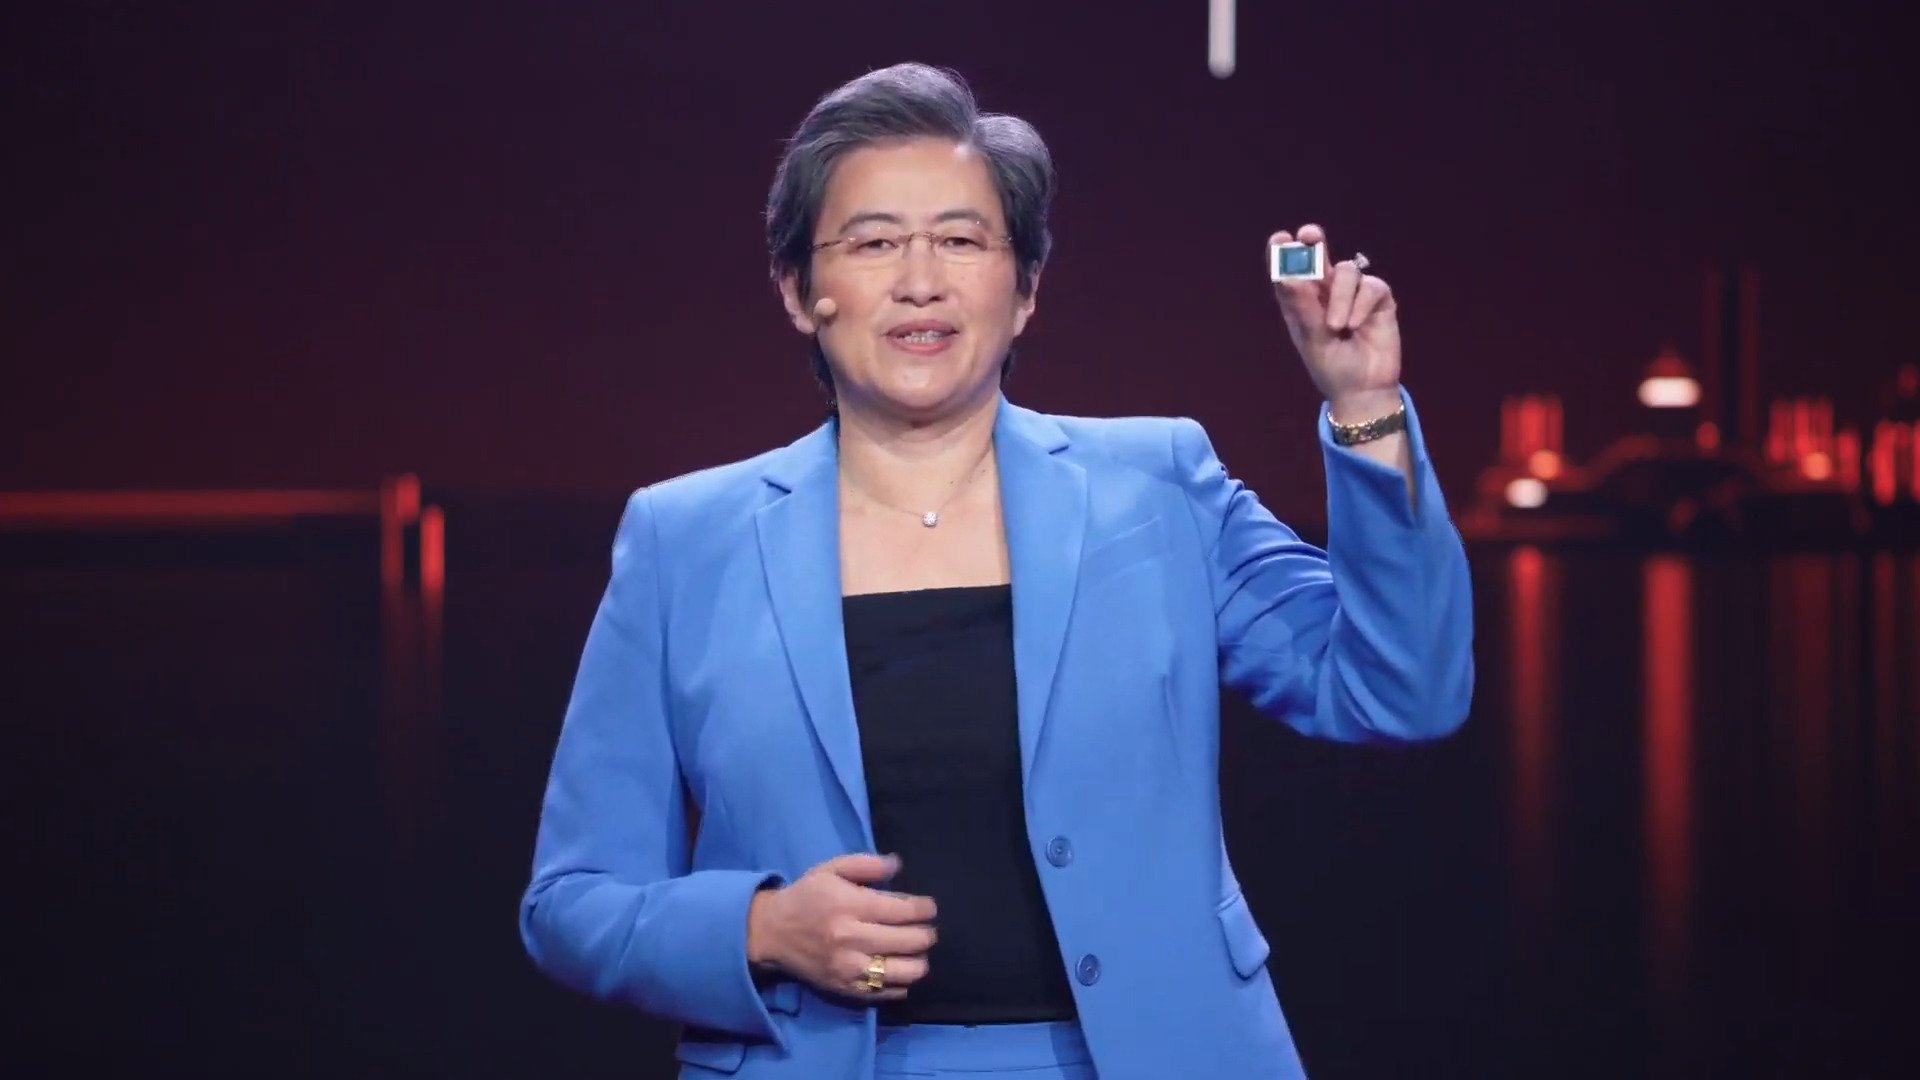 CES 2021 : AMD dévoile les processeurs Ryzen 5000 avec l'architecture Zen 3